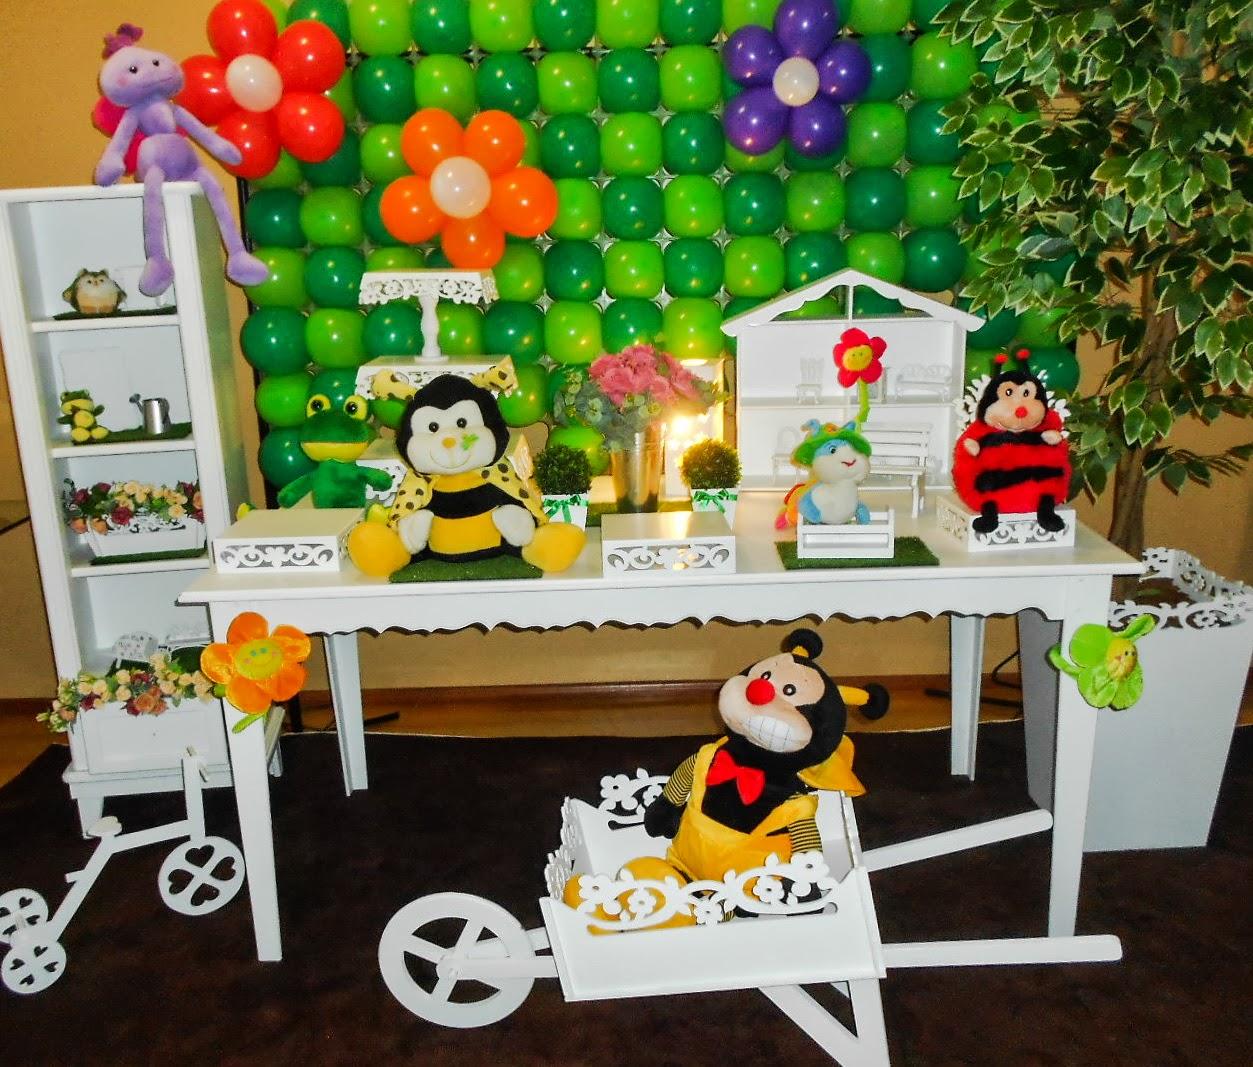 ideias de decoracao tema jardim : ideias de decoracao tema jardim:Uma fofura, com os bichinhos mais amados das crianças!